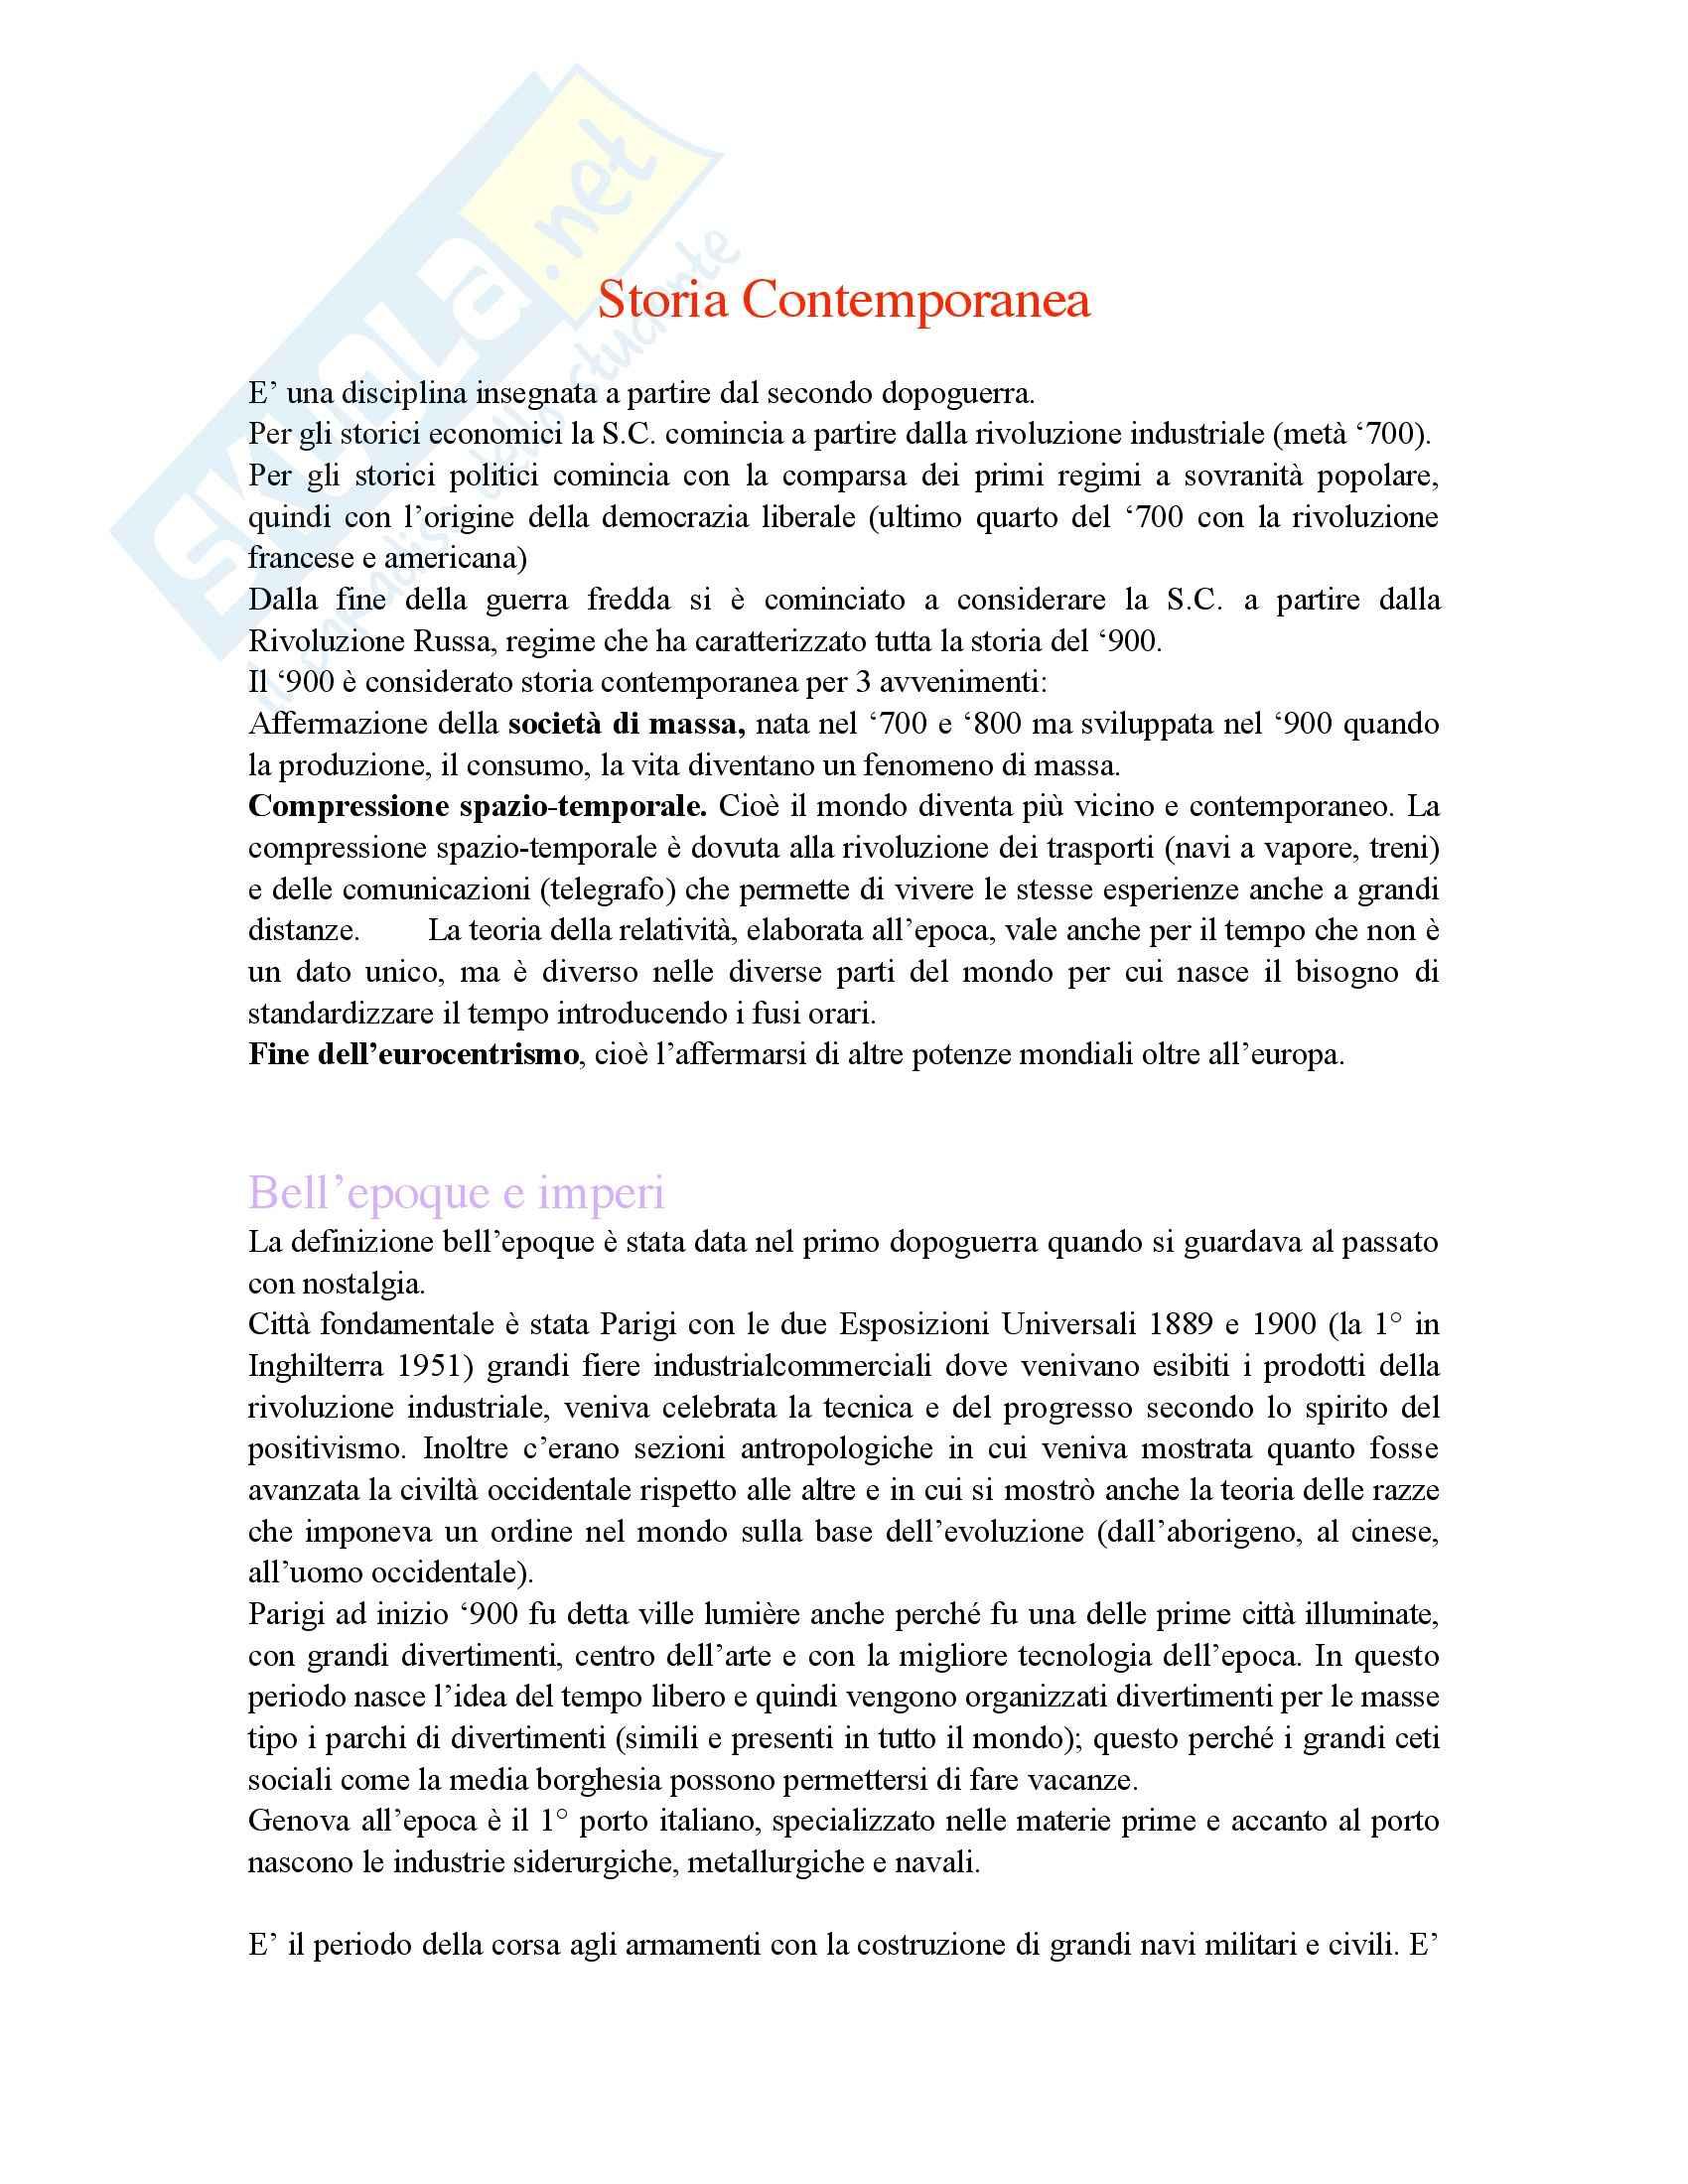 Storia contemporanea - il Novecento - Appunti